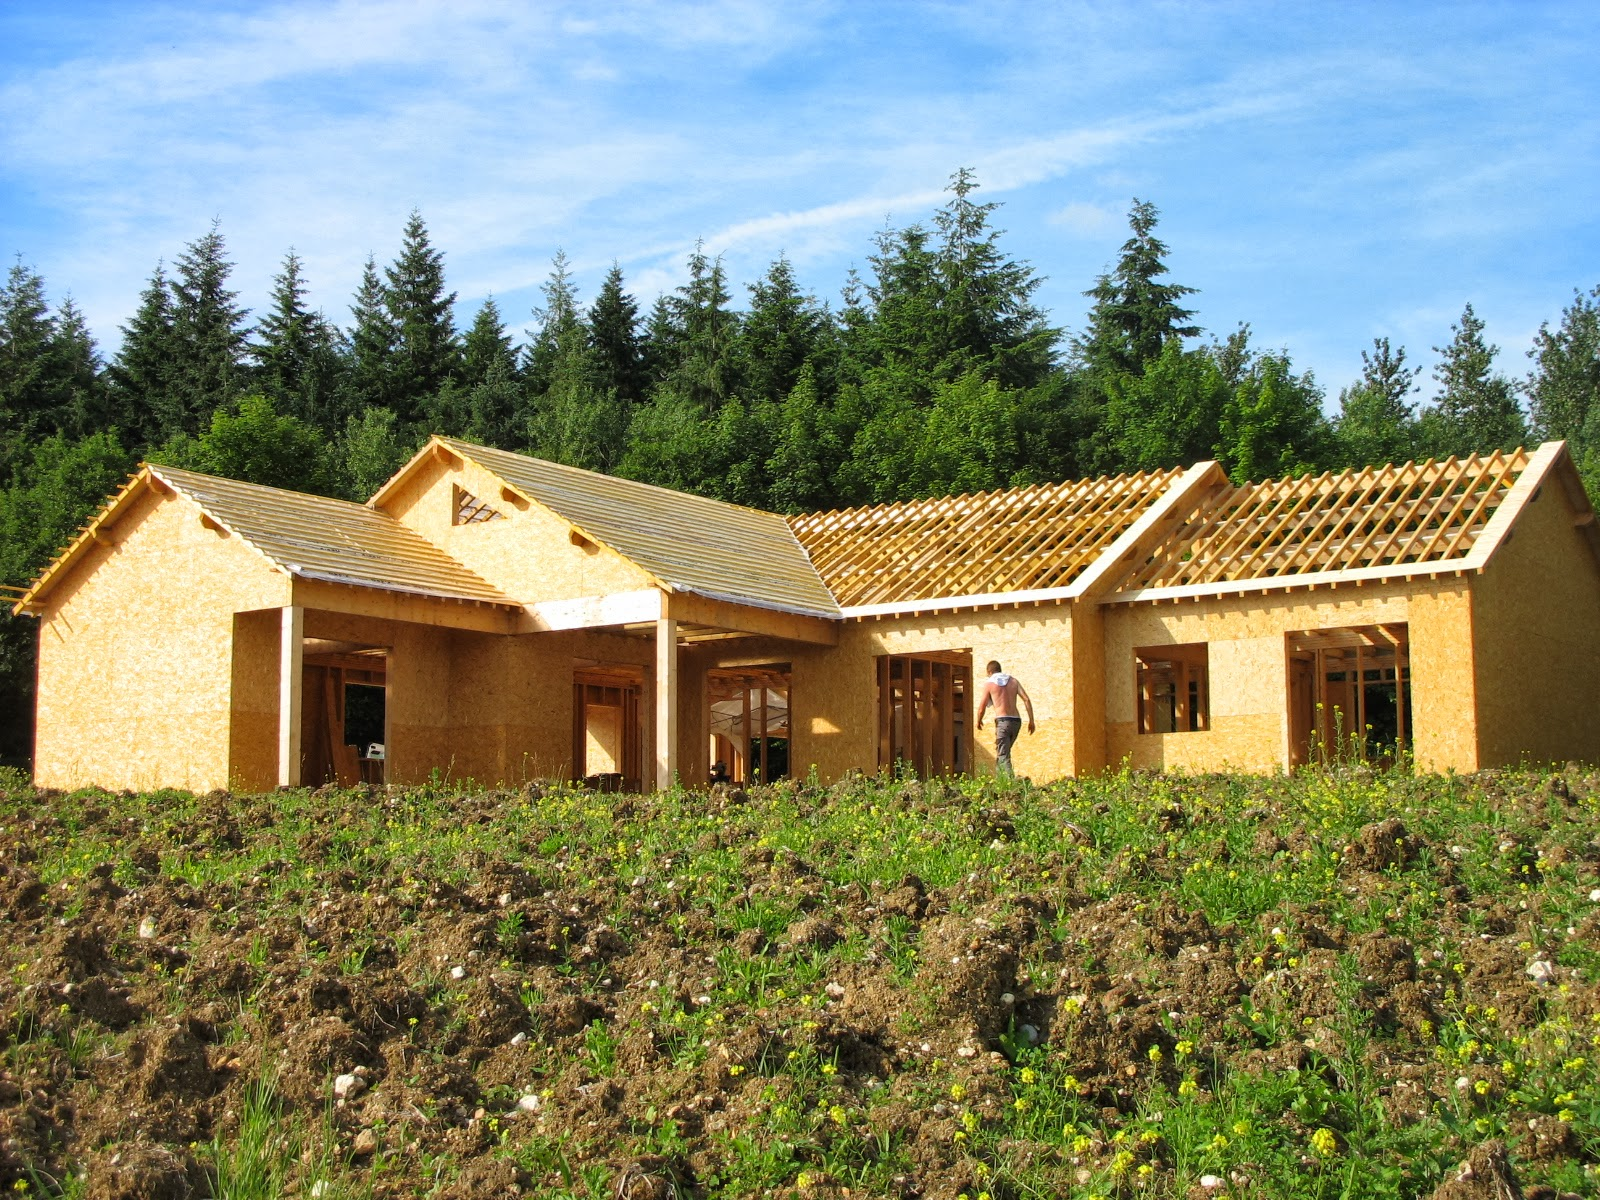 construire sa maison en bois la maison prend forme. Black Bedroom Furniture Sets. Home Design Ideas